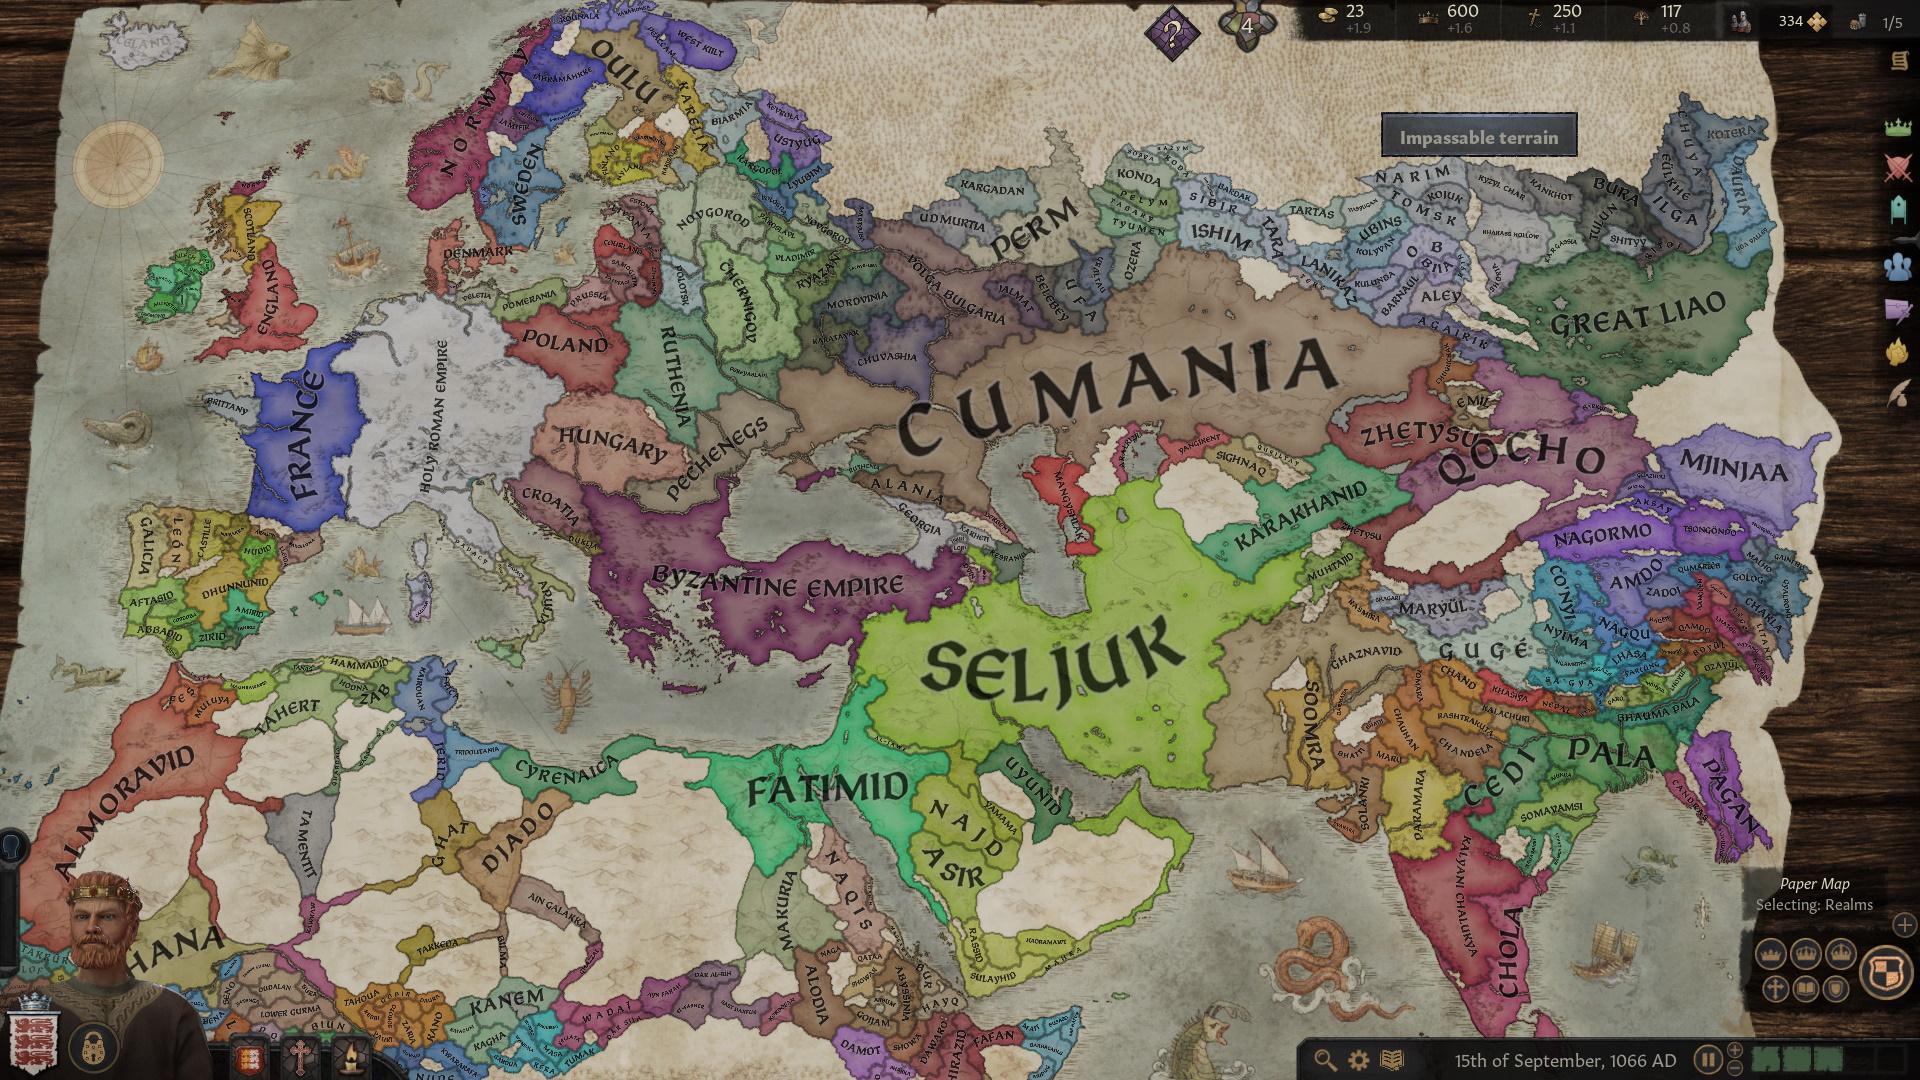 CK3 PC Specs header - full map